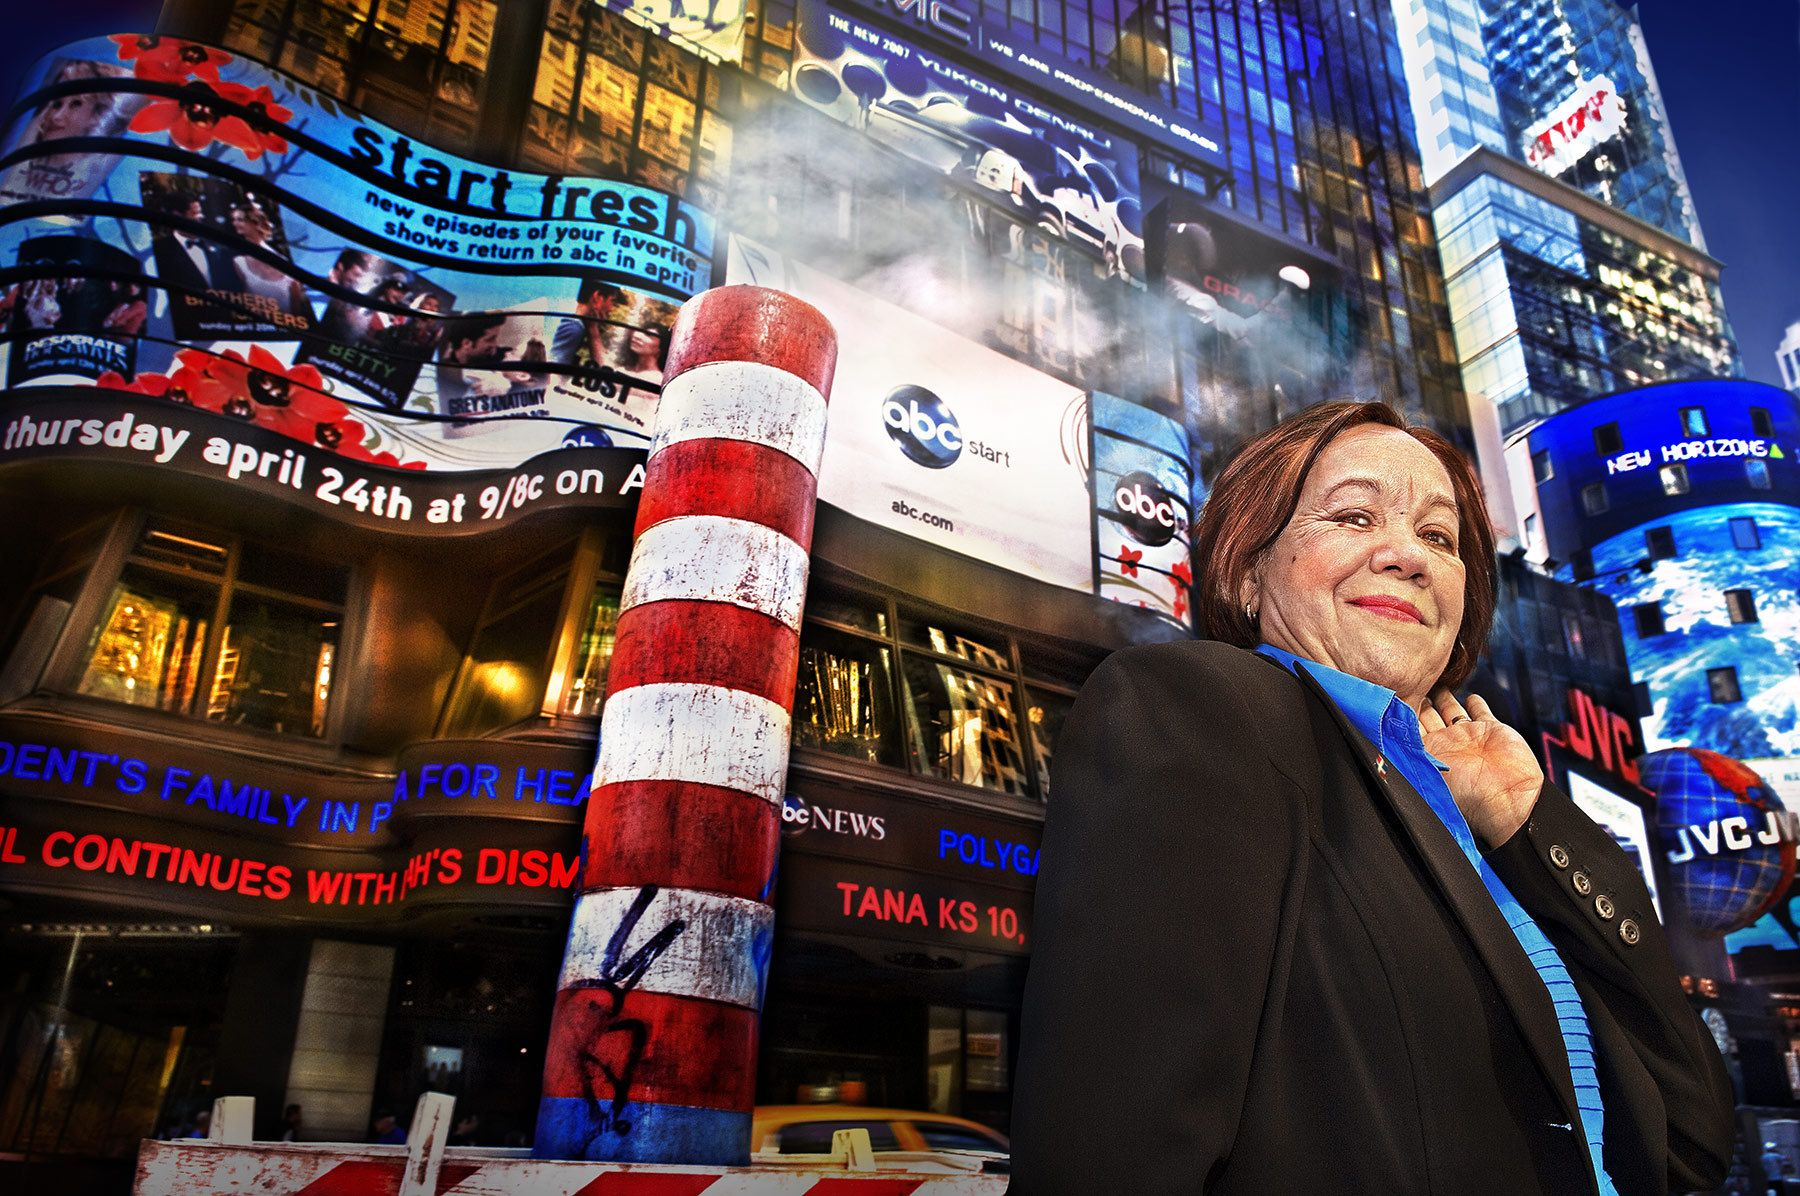 CRUZ ROSARIO, MUJER DOMINICANA EN N.Y. 2008